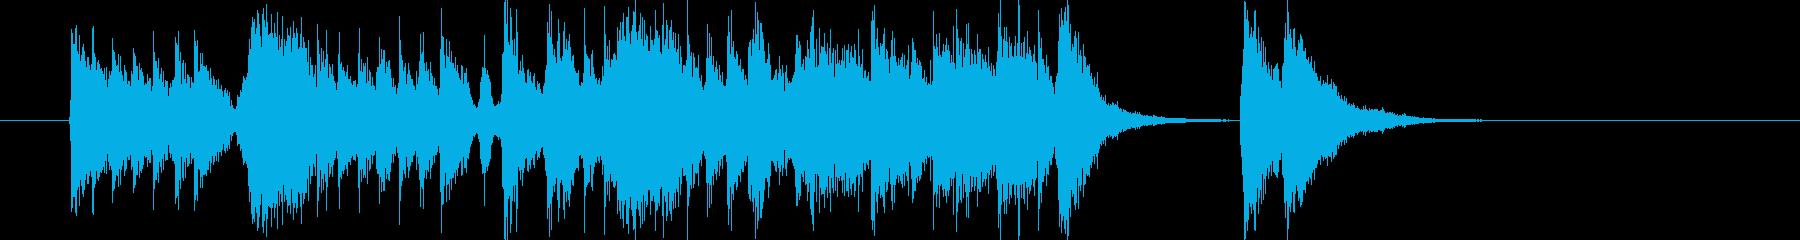 激しいジャパニーズロックの再生済みの波形